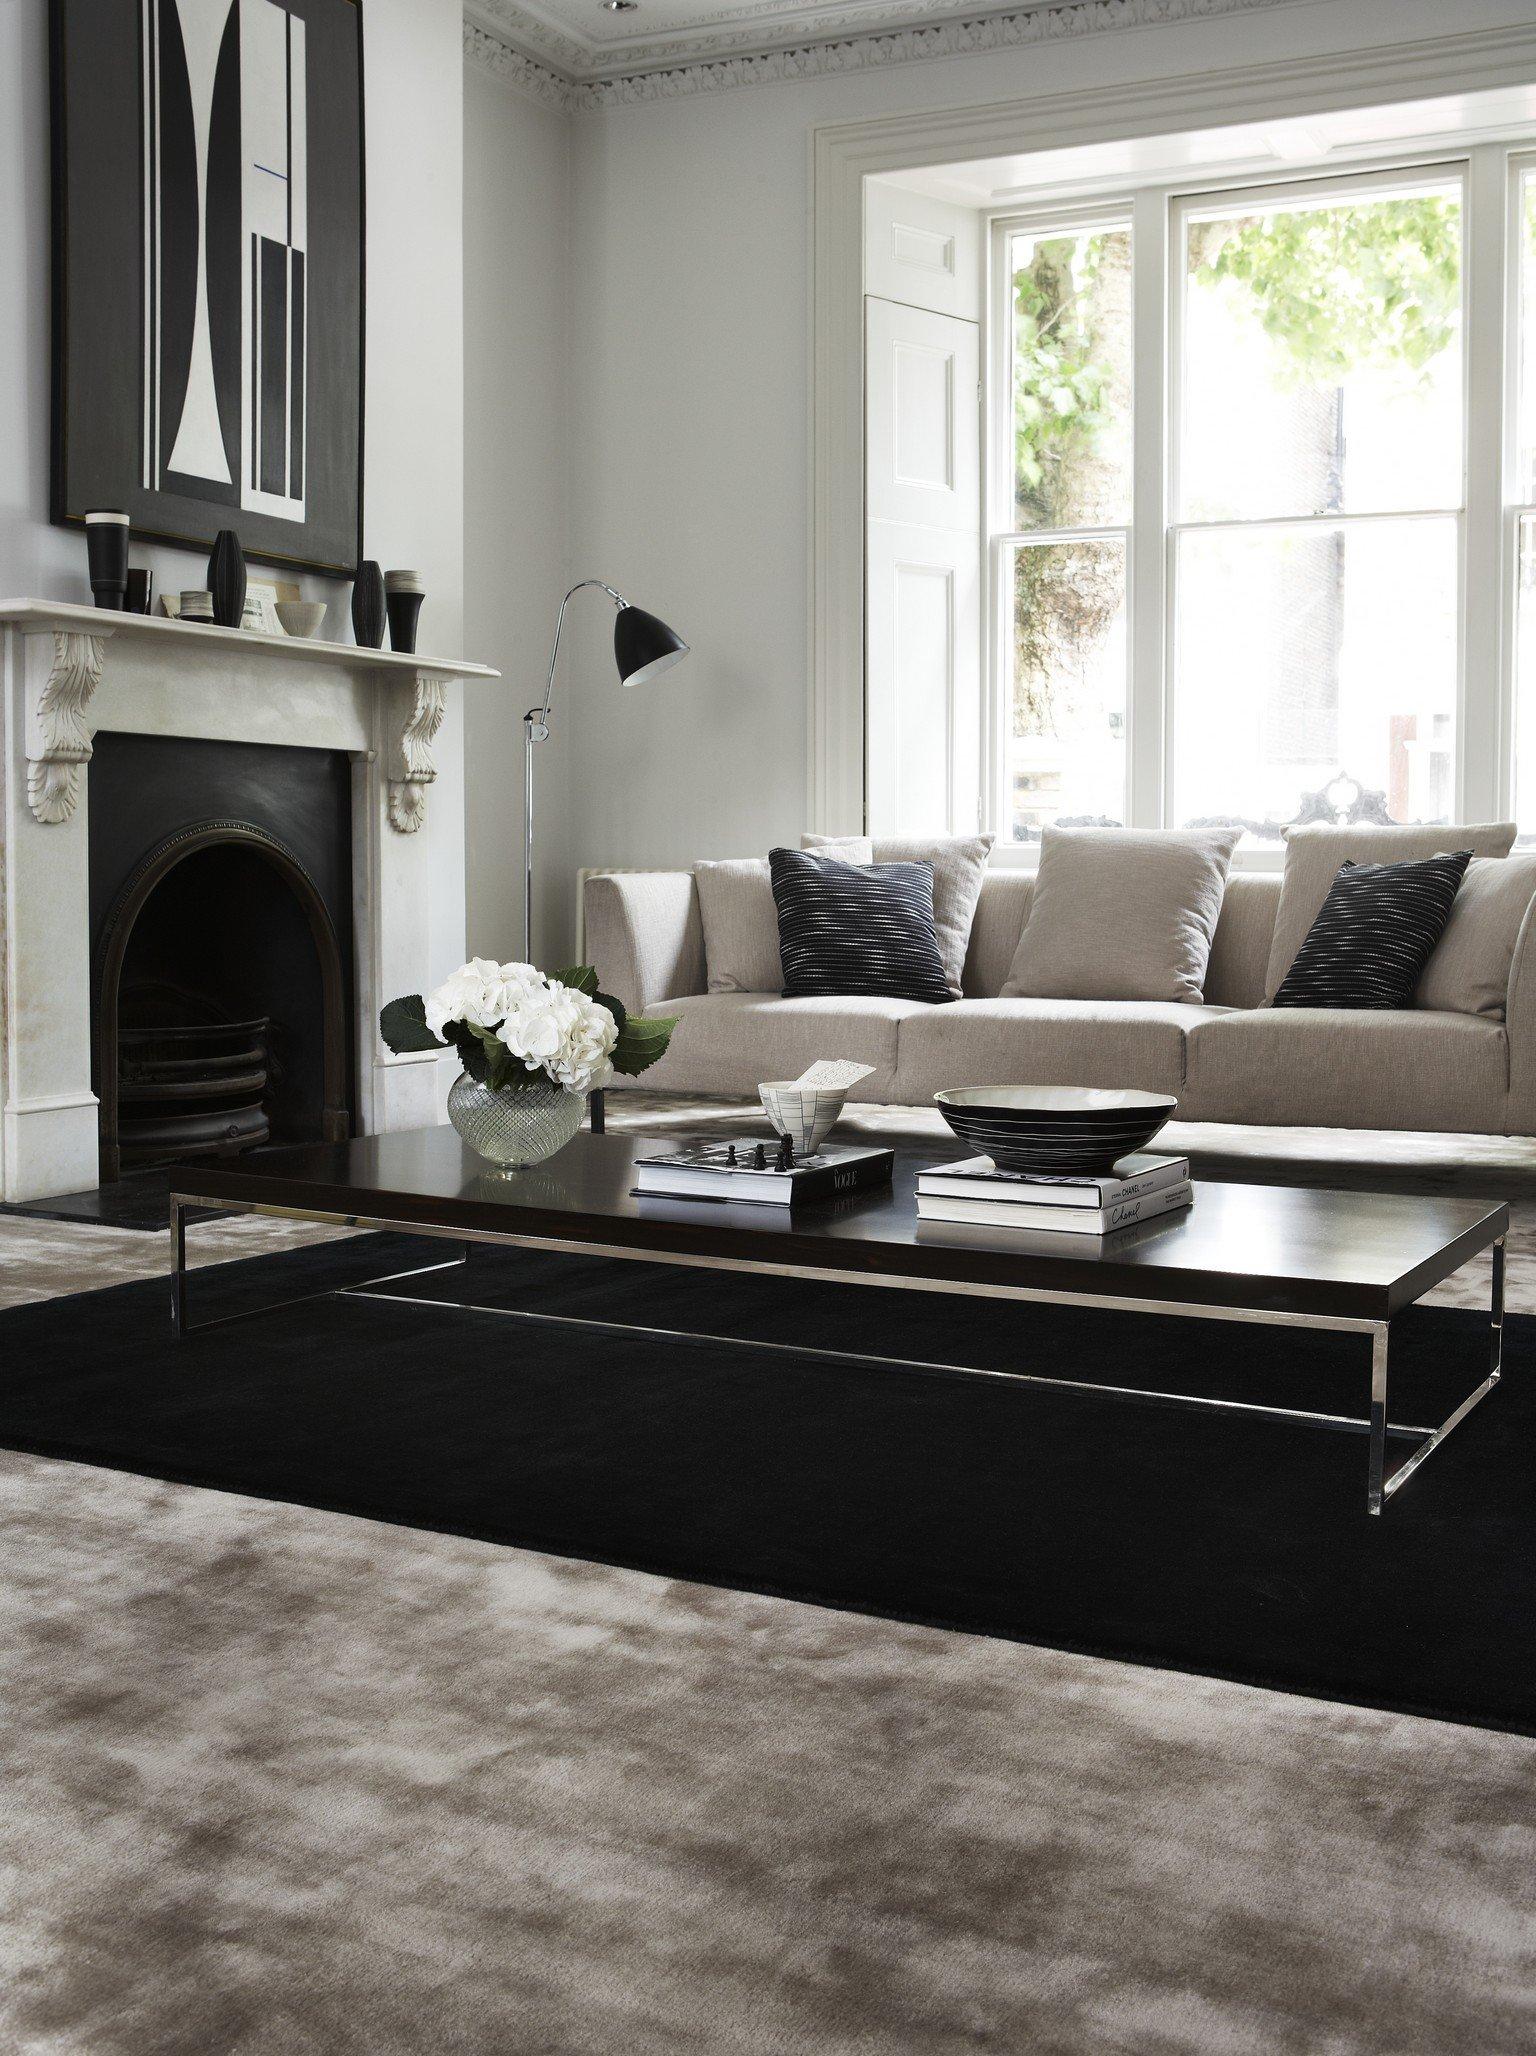 grey Sylka luxury carpet in living room